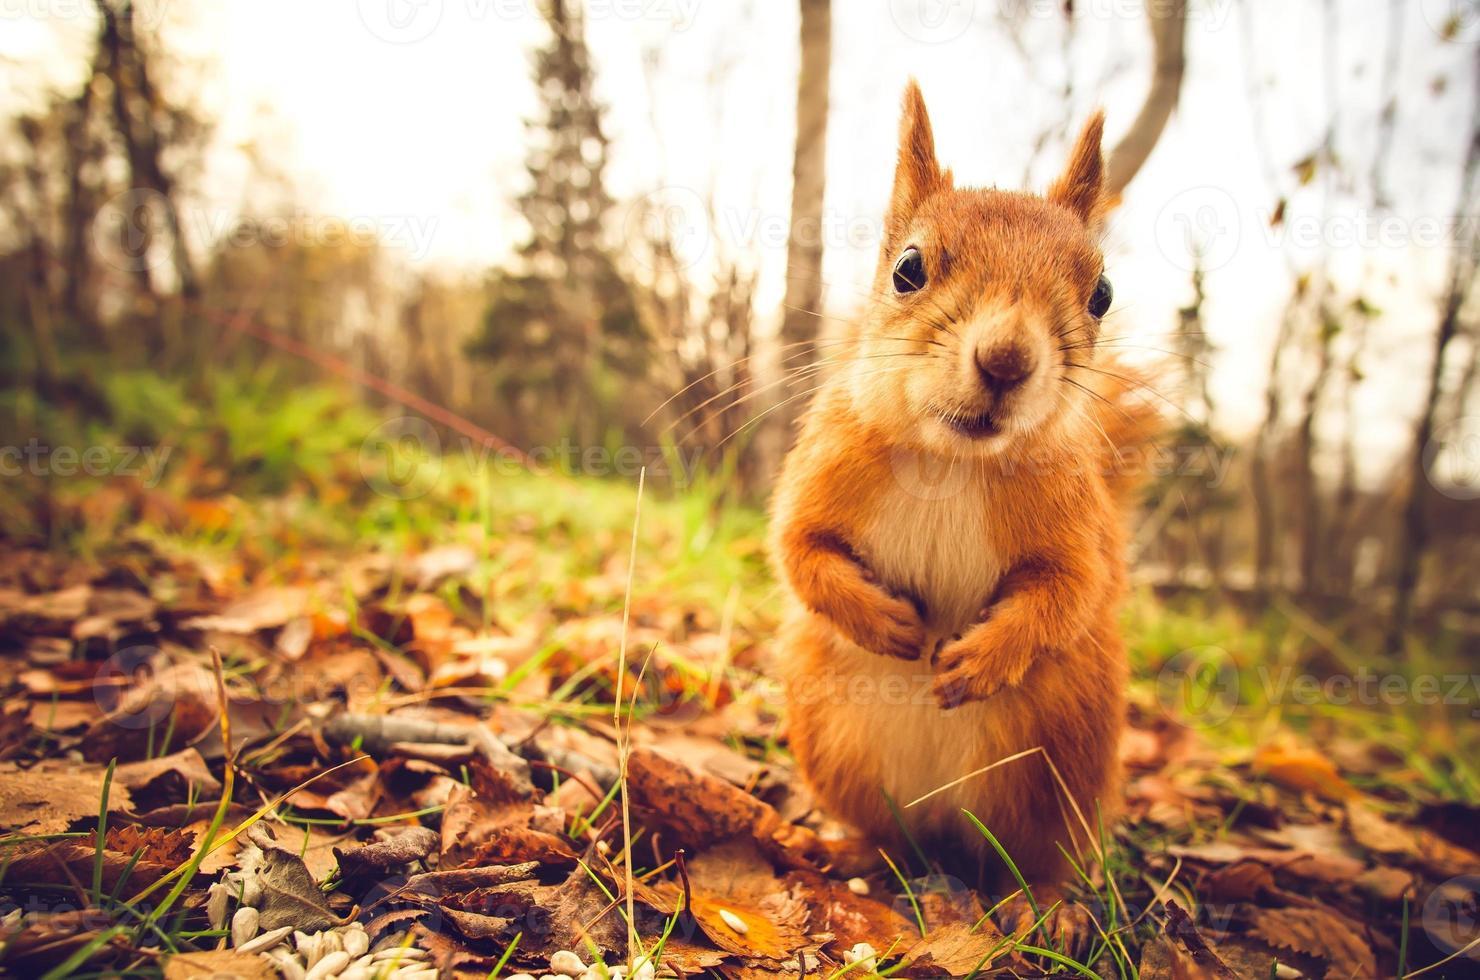 ekorre röd päls roliga husdjur vilda natur djur tematiska foto